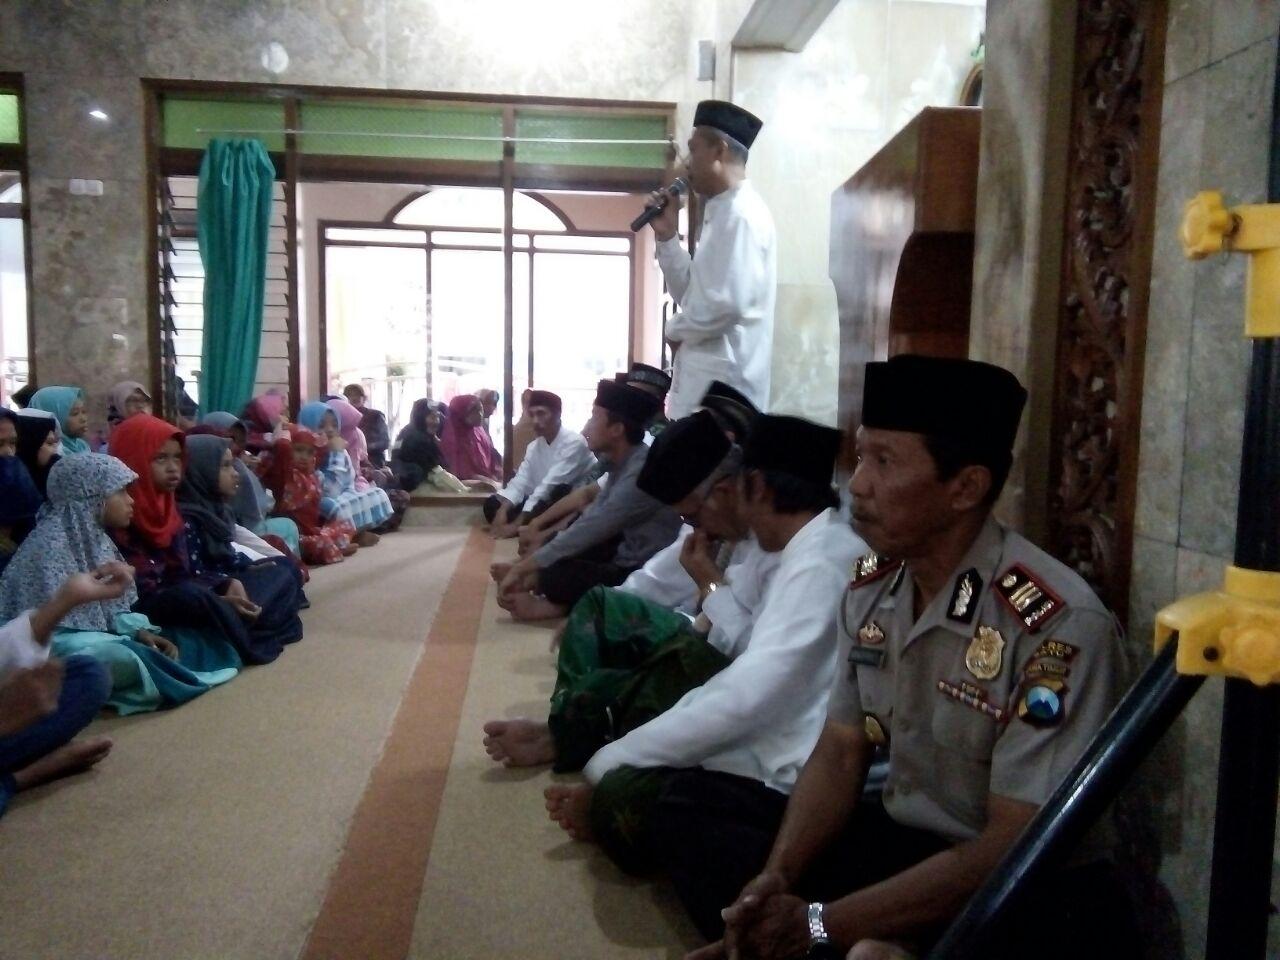 Kapolsek Batu Menghadiri Safari Romadhon Di Masjid Baitul Jannah Sumberejo